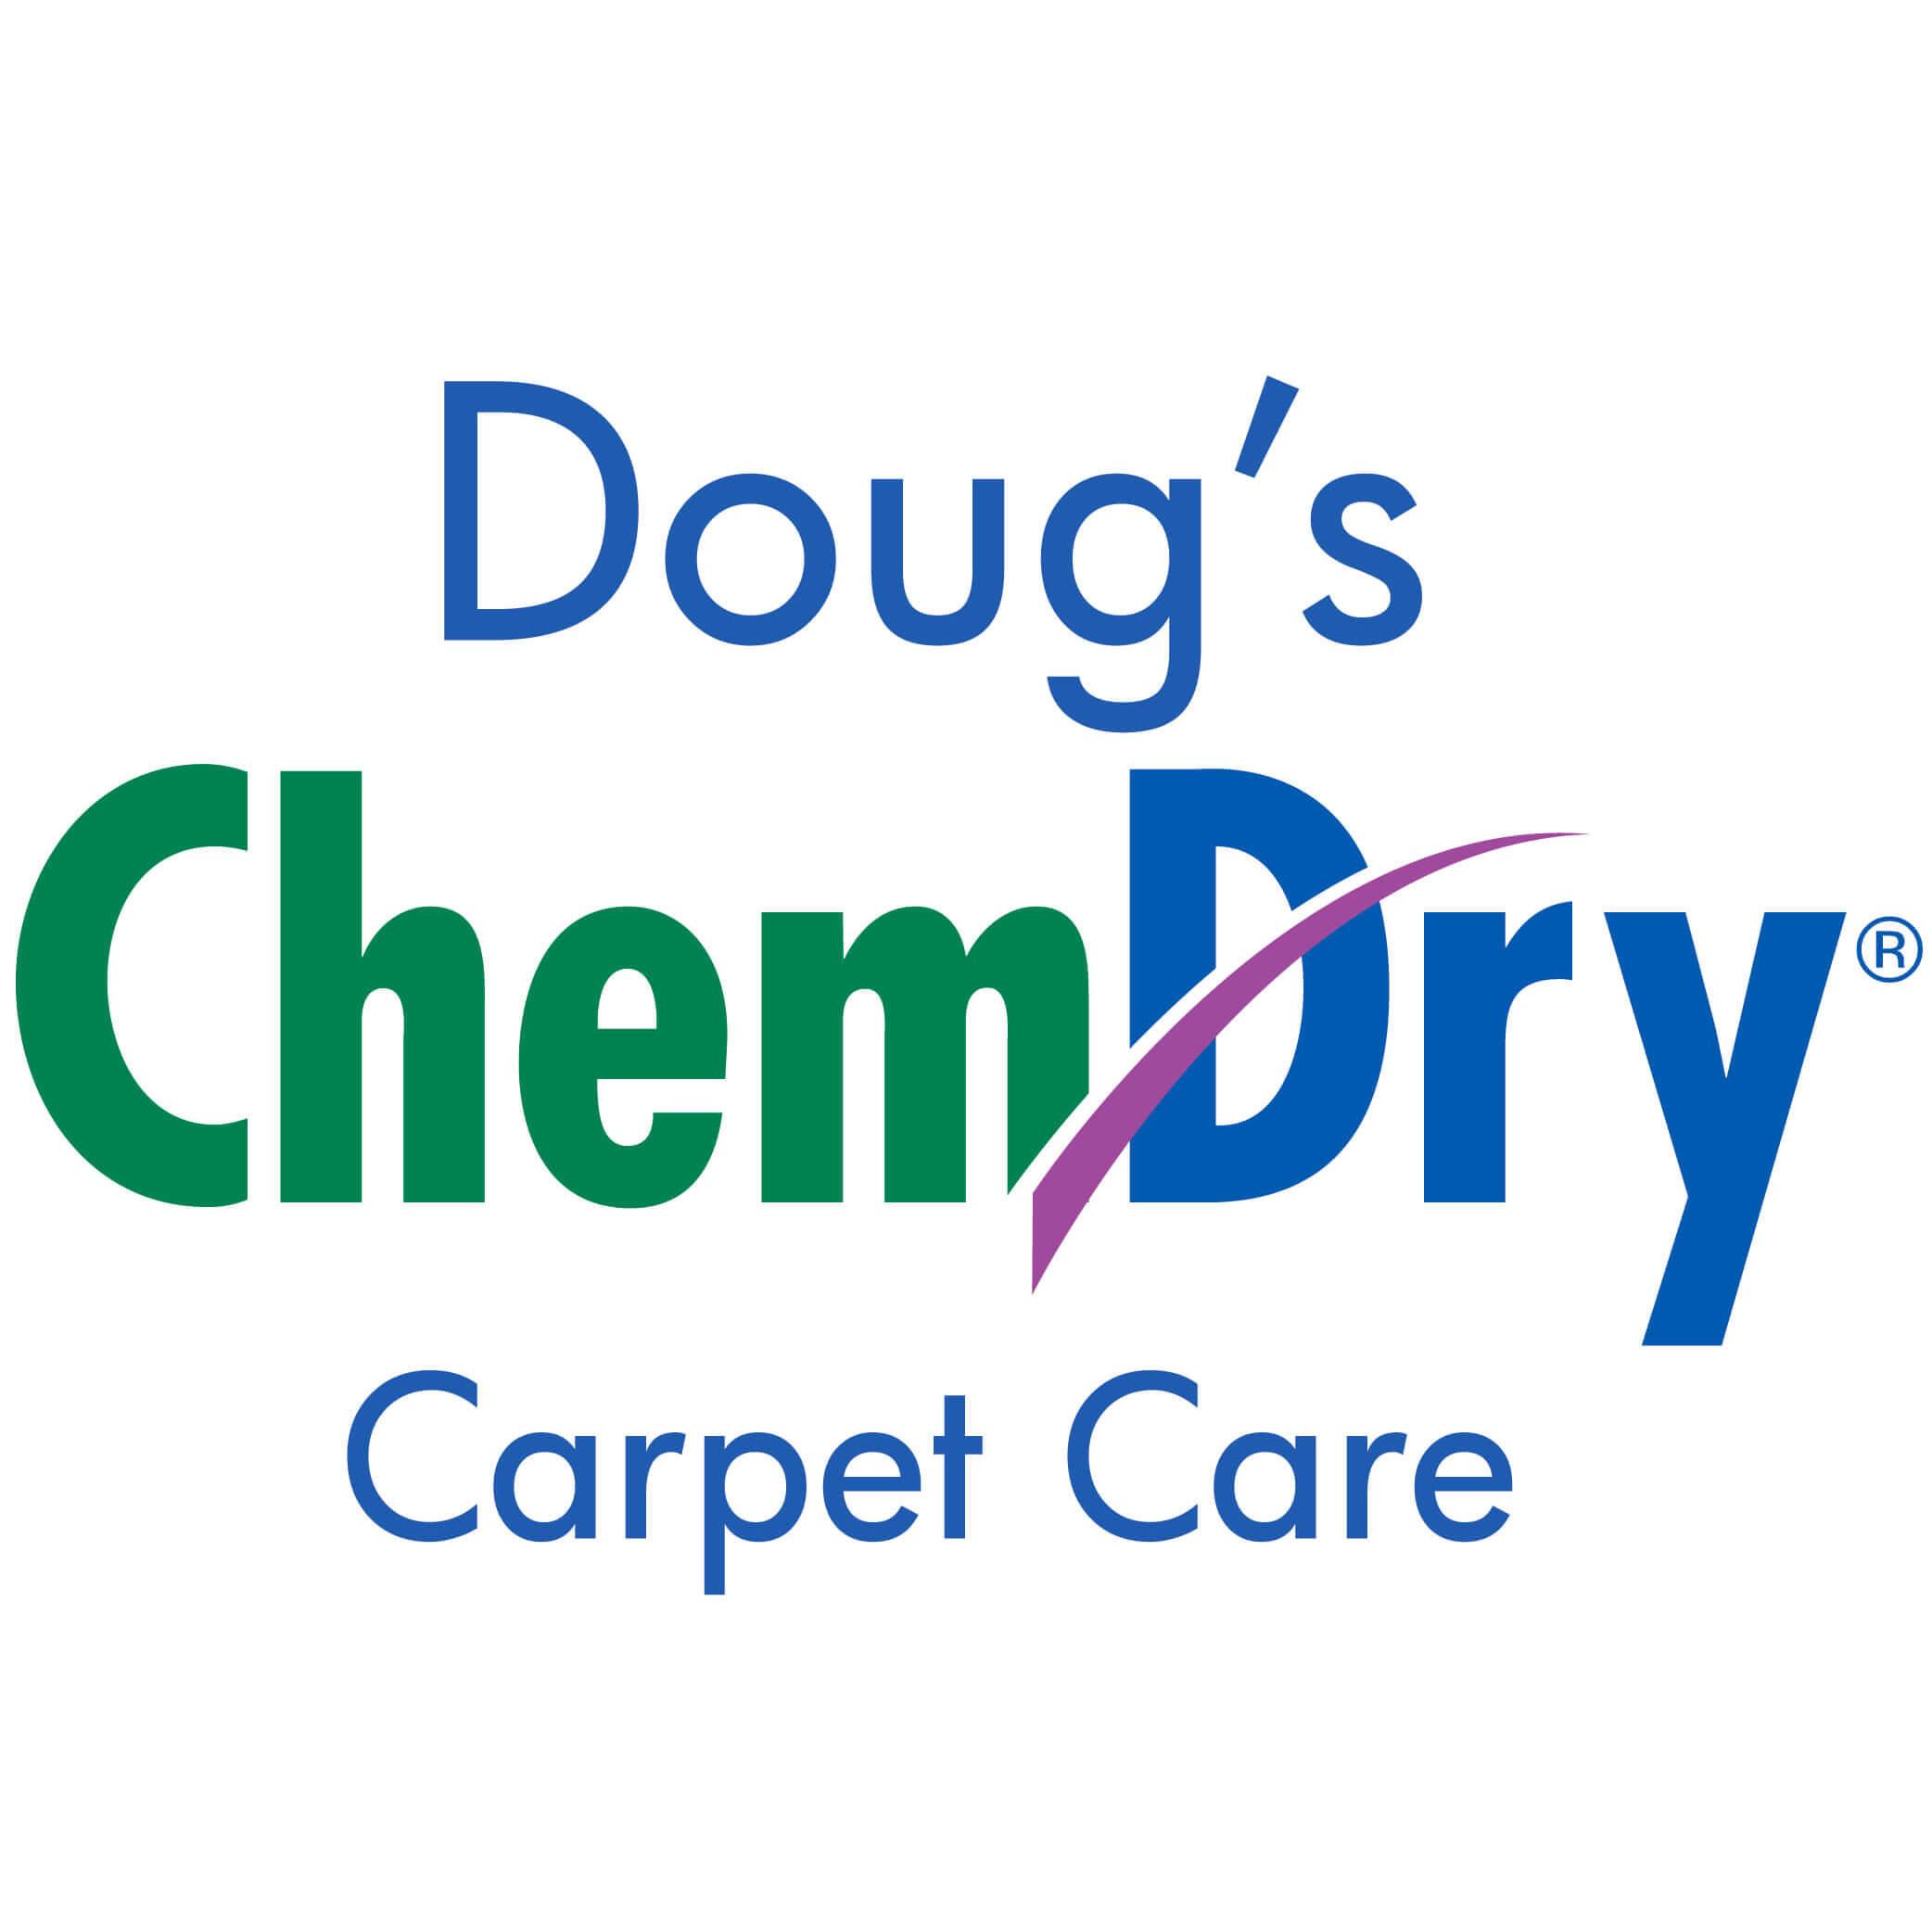 Doug's Chem-Dry Carpet Care